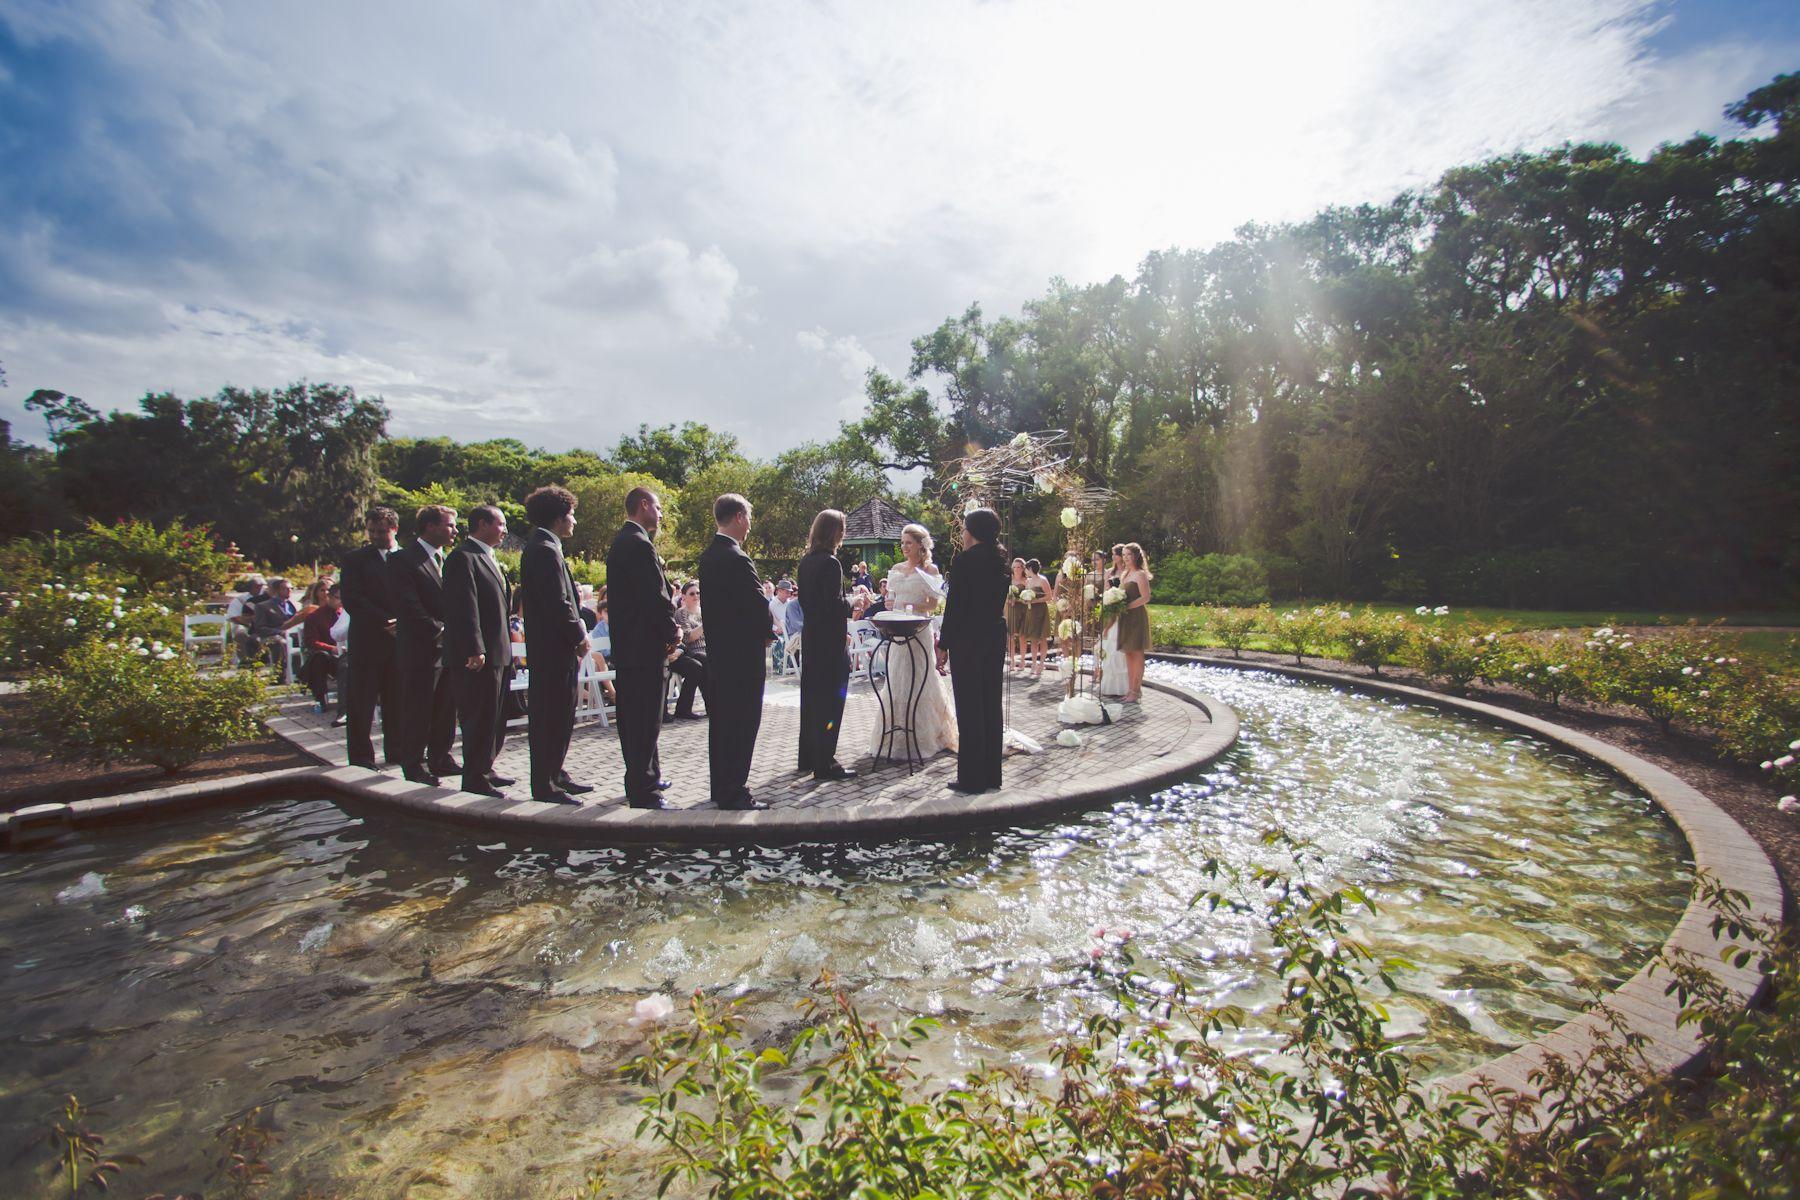 Garden wedding leu gardens orlando fl garden wedding